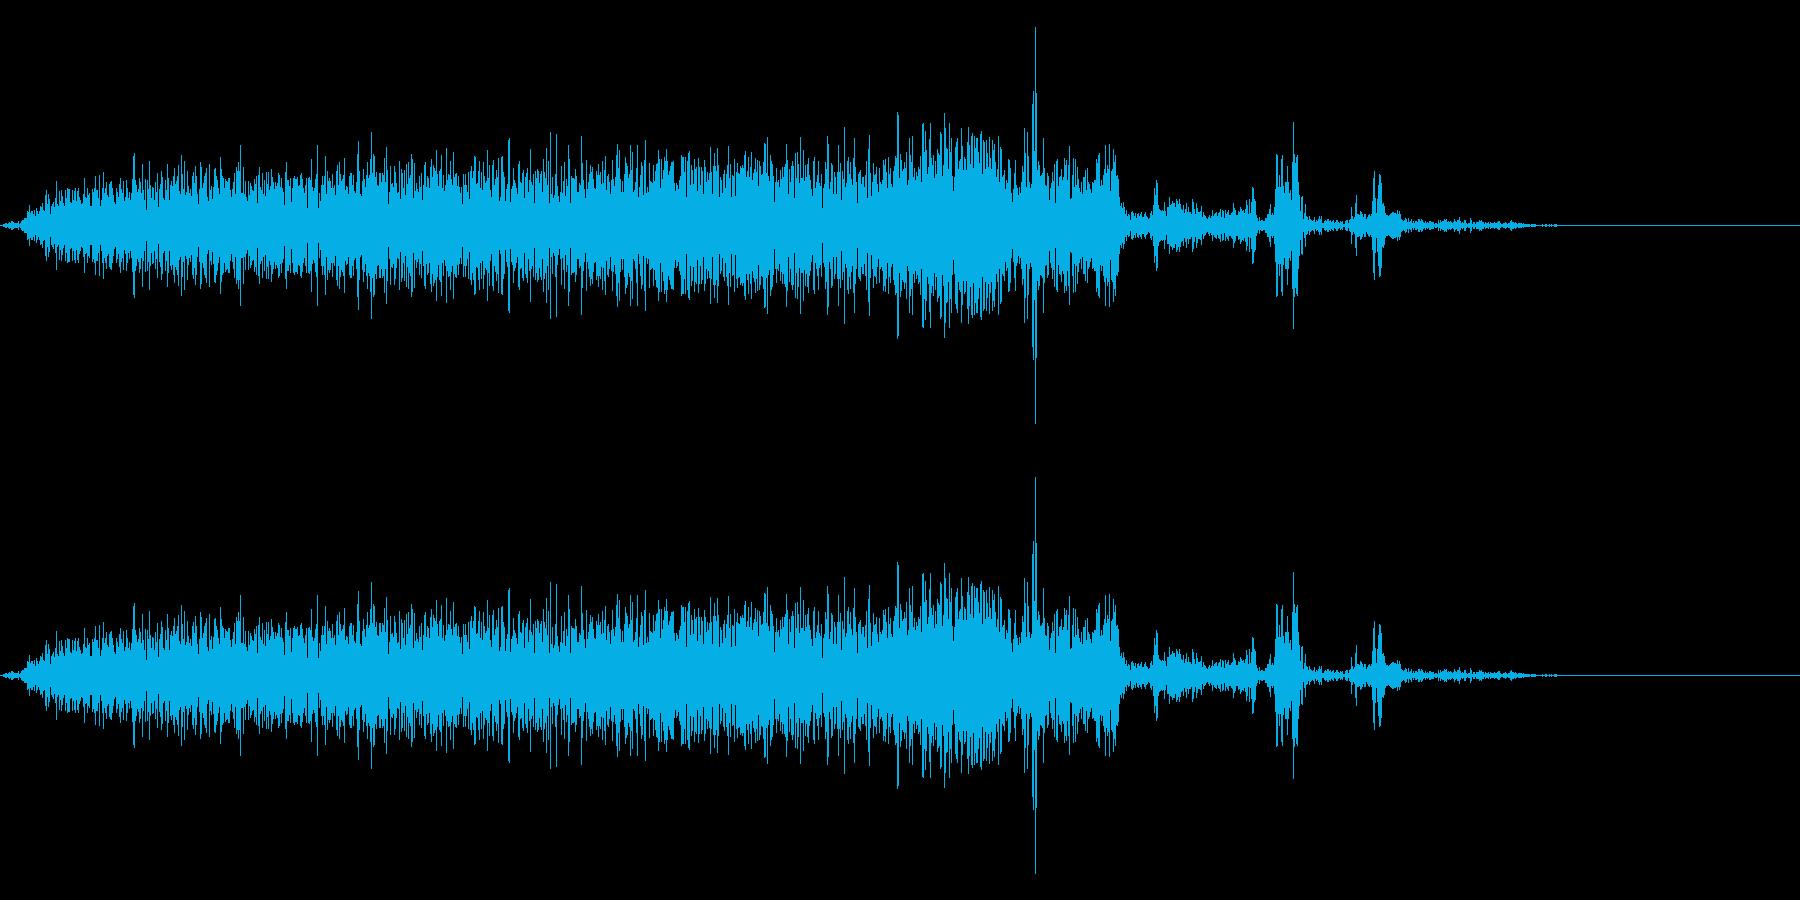 【生録音】本のページをめくる音 5の再生済みの波形